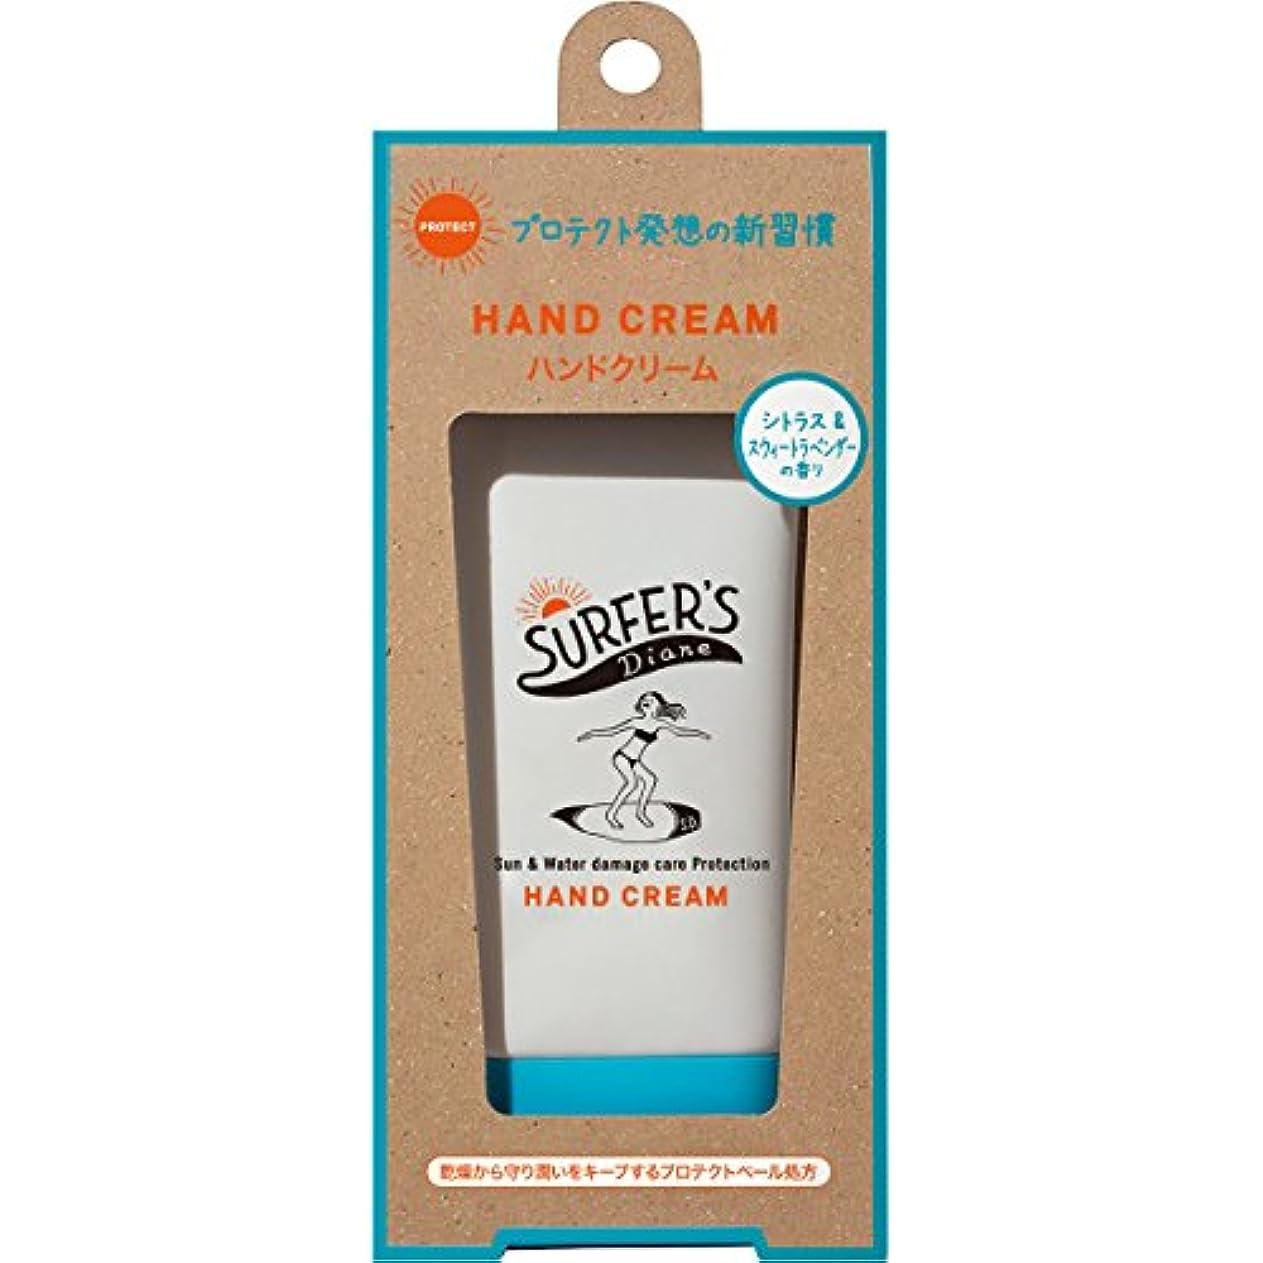 食い違いモッキンバードレタスサーファーズダイアン プロテクト ハンドクリーム シトラス&スウィートラベンダーの香り 50g